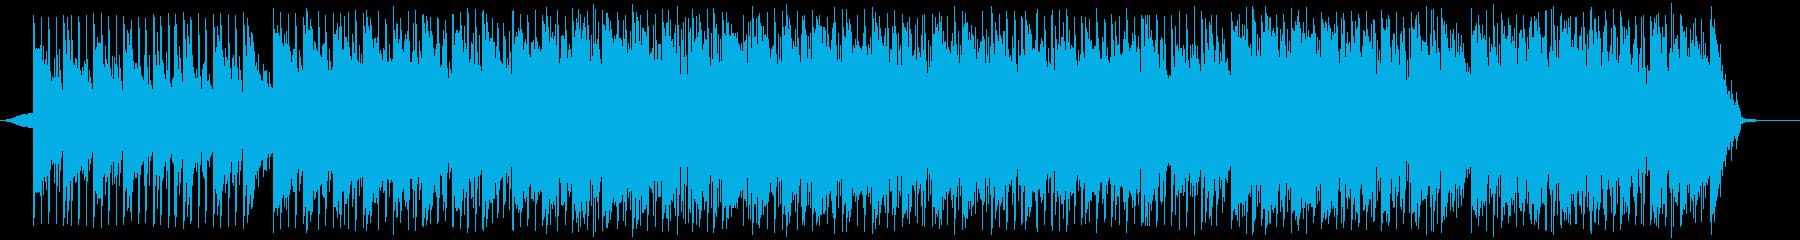 アンビエント コーポレート 感情的...の再生済みの波形